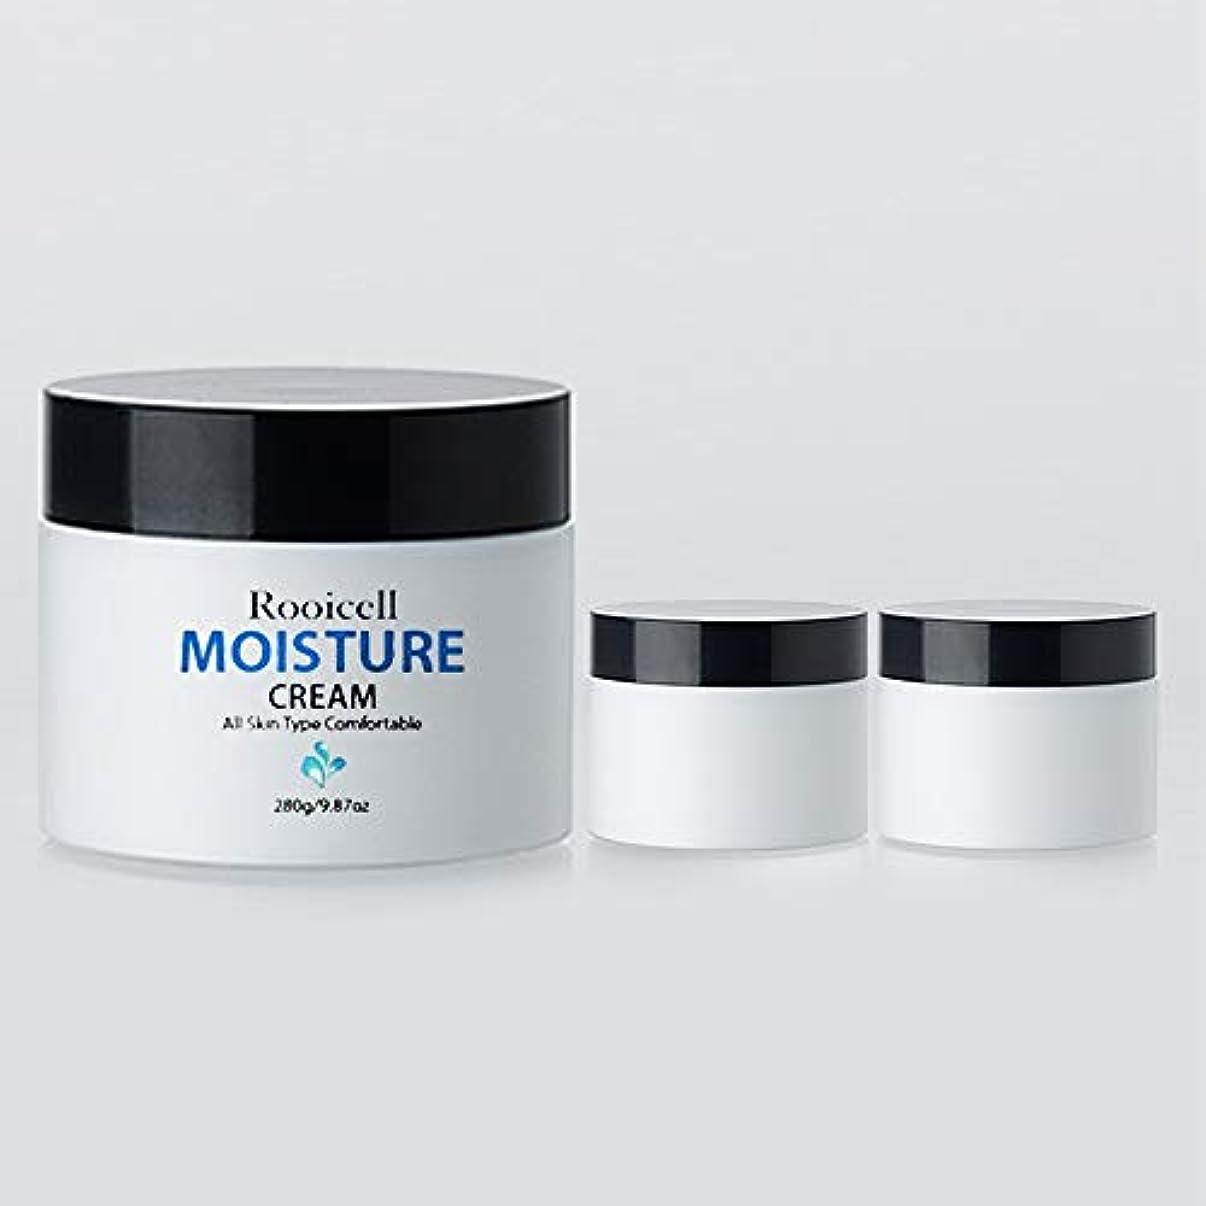 ロッジ通訳バース[ Rooicell ] ルイセル モイスチャークリーム 280g Korea cosmetic (moisture cream 280g)